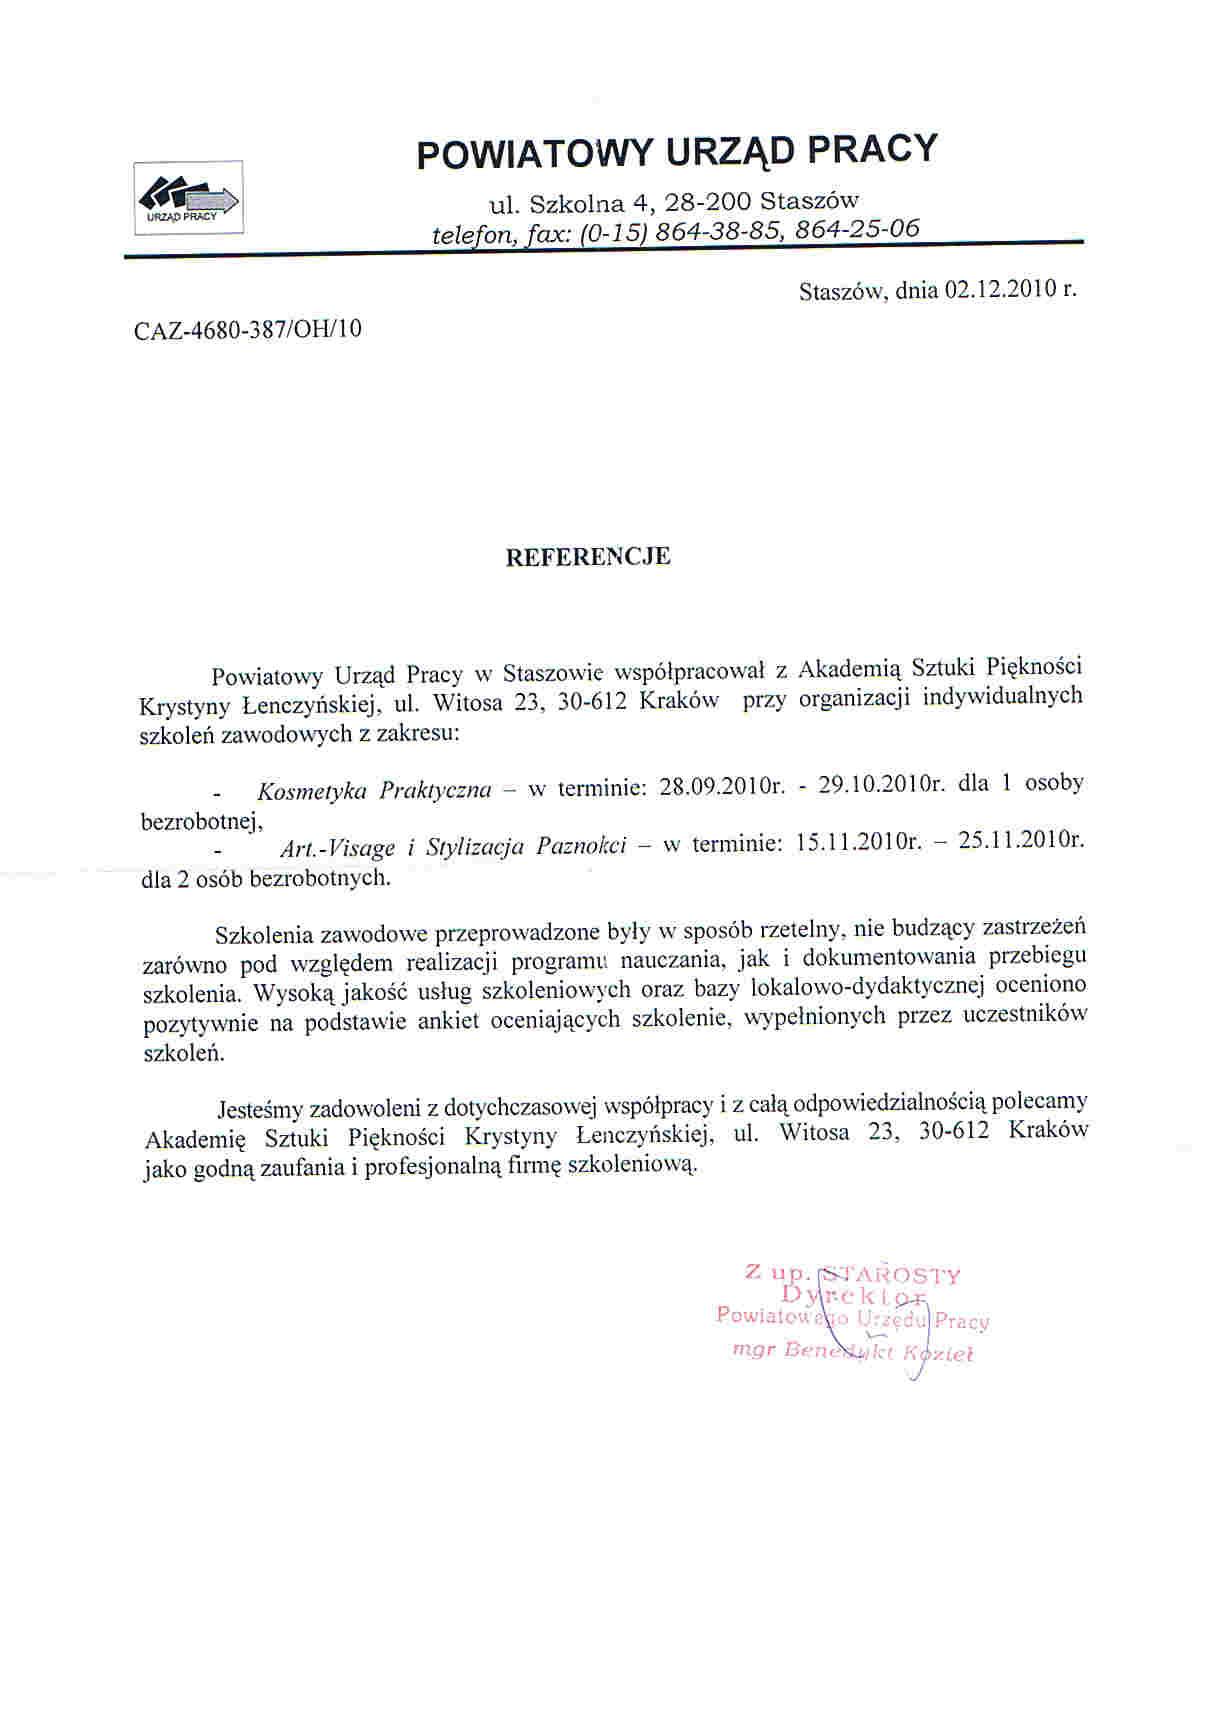 Powiatowy Urząd Pracy w Staszowie-Staszów